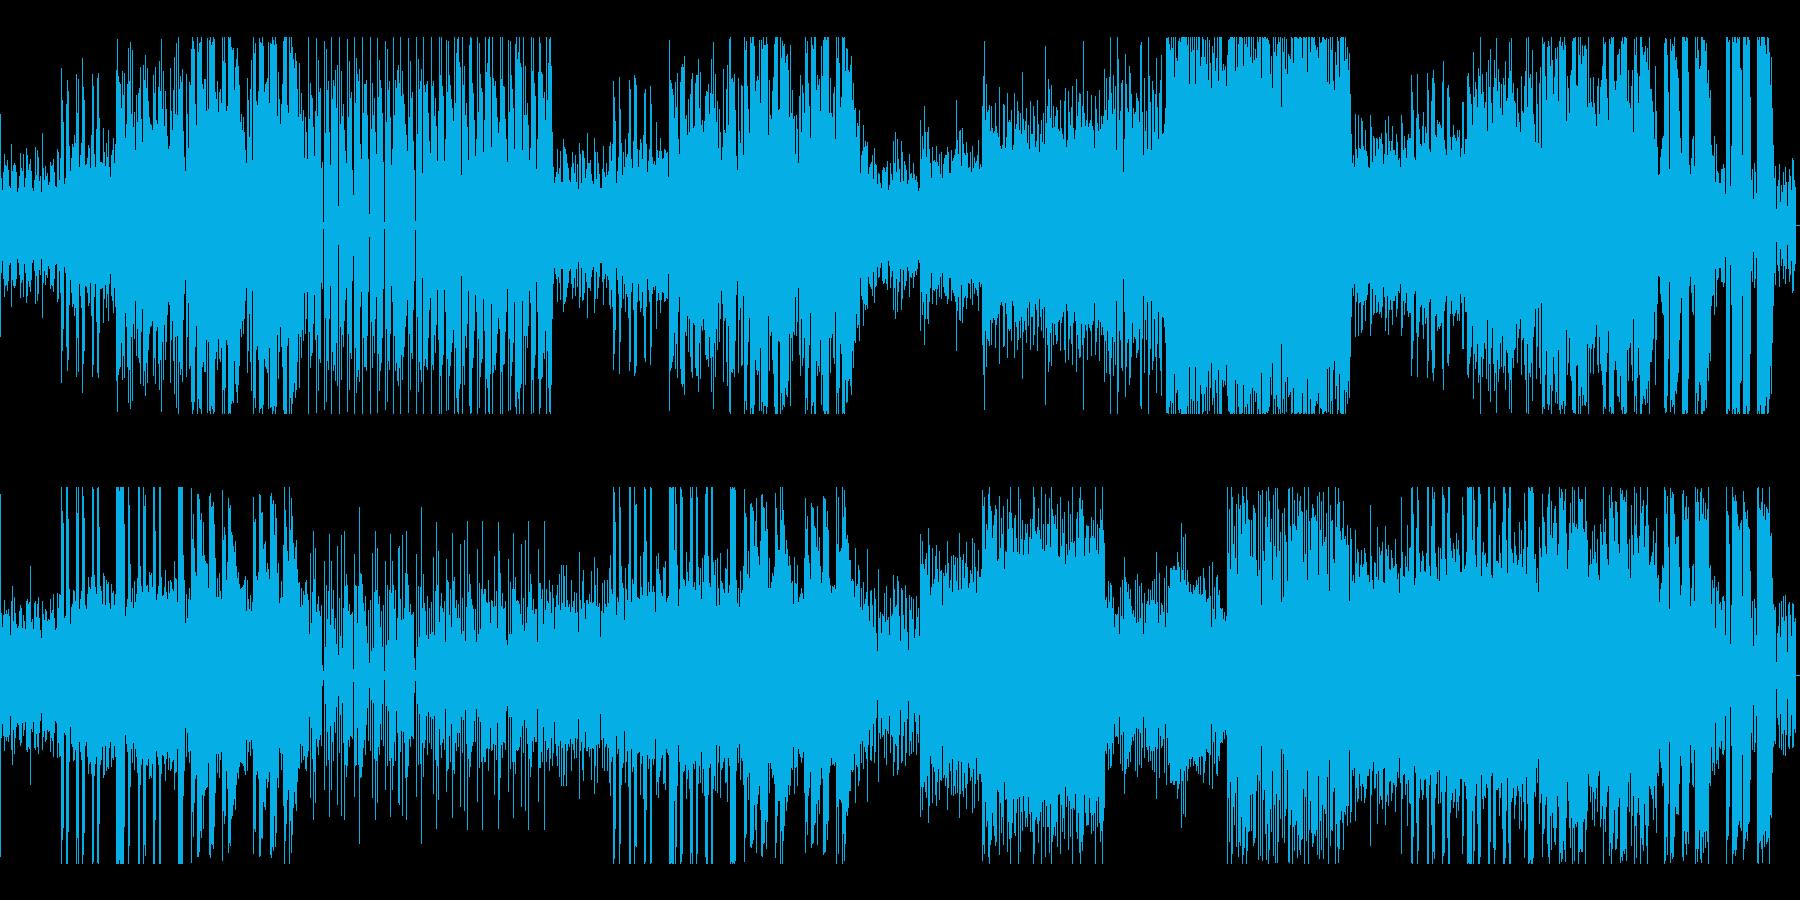 ノリノリになれるクラブ系music!の再生済みの波形